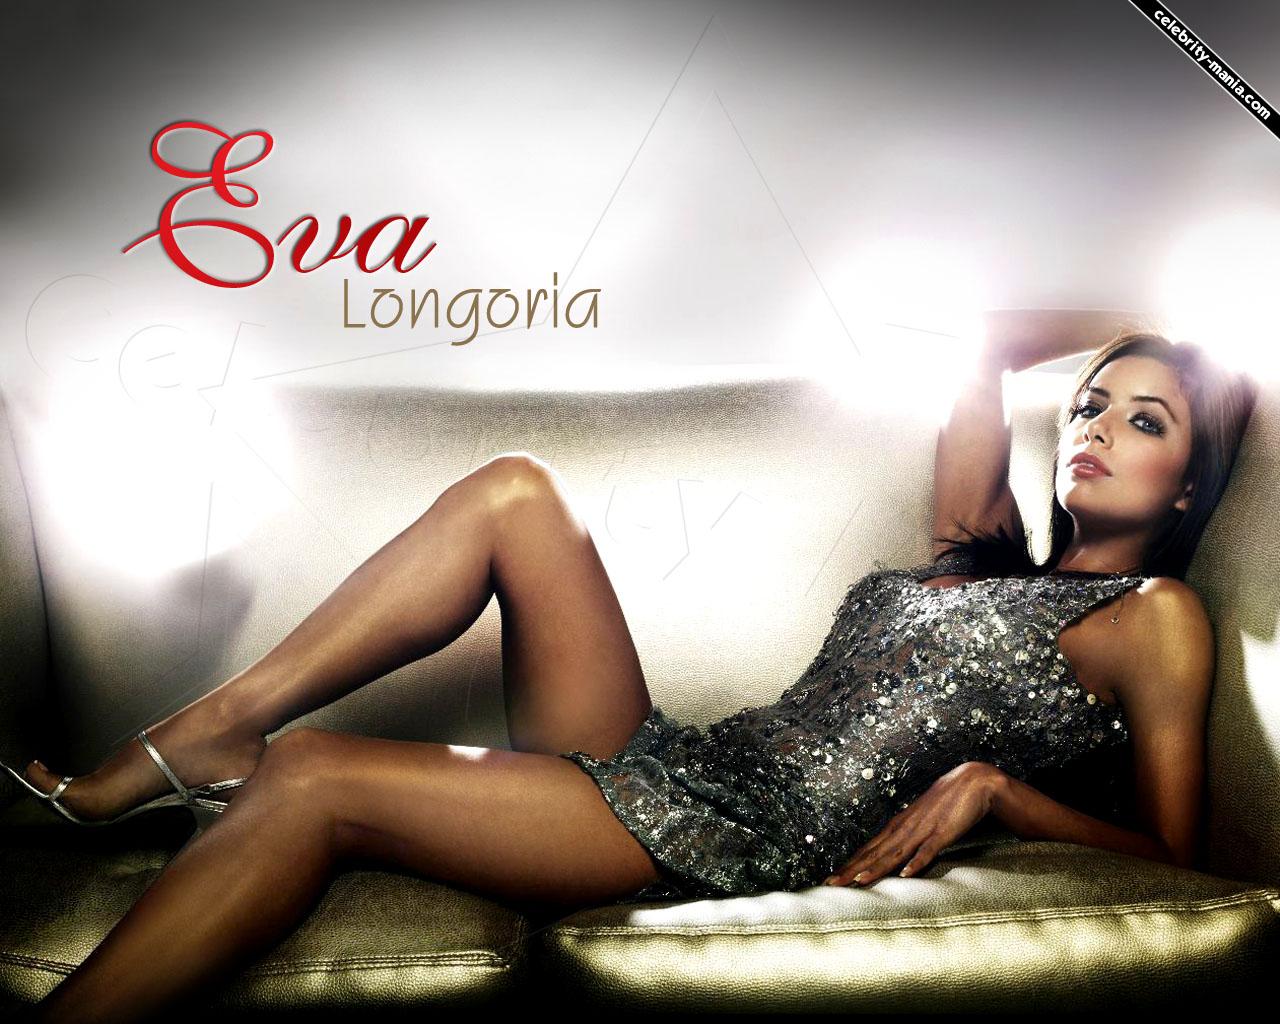 http://1.bp.blogspot.com/_urQTzC88S1s/TNR4YaaI8rI/AAAAAAAABk8/ntgd_bJRSBQ/s1600/Eva+Longoria+-+Wallpaper+%286%29.jpg